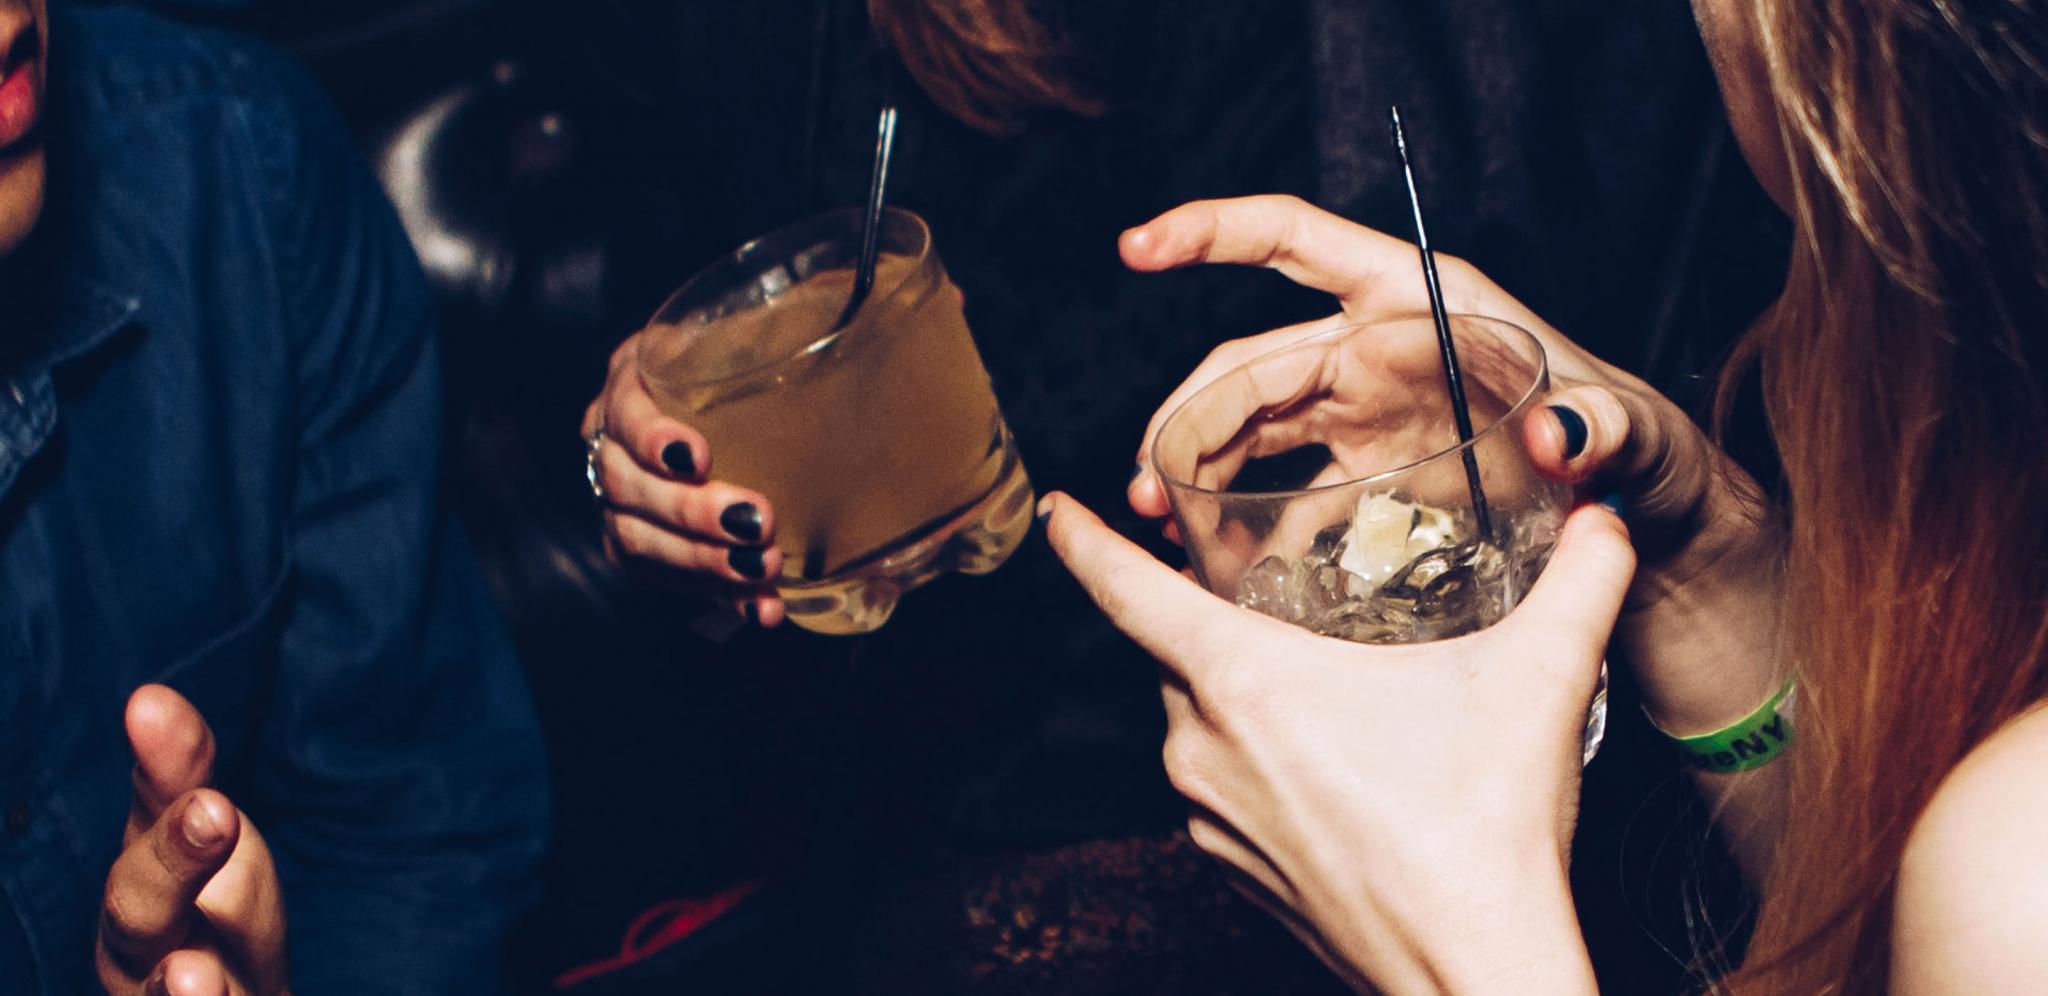 cocktail-friends-pub-saint-germain